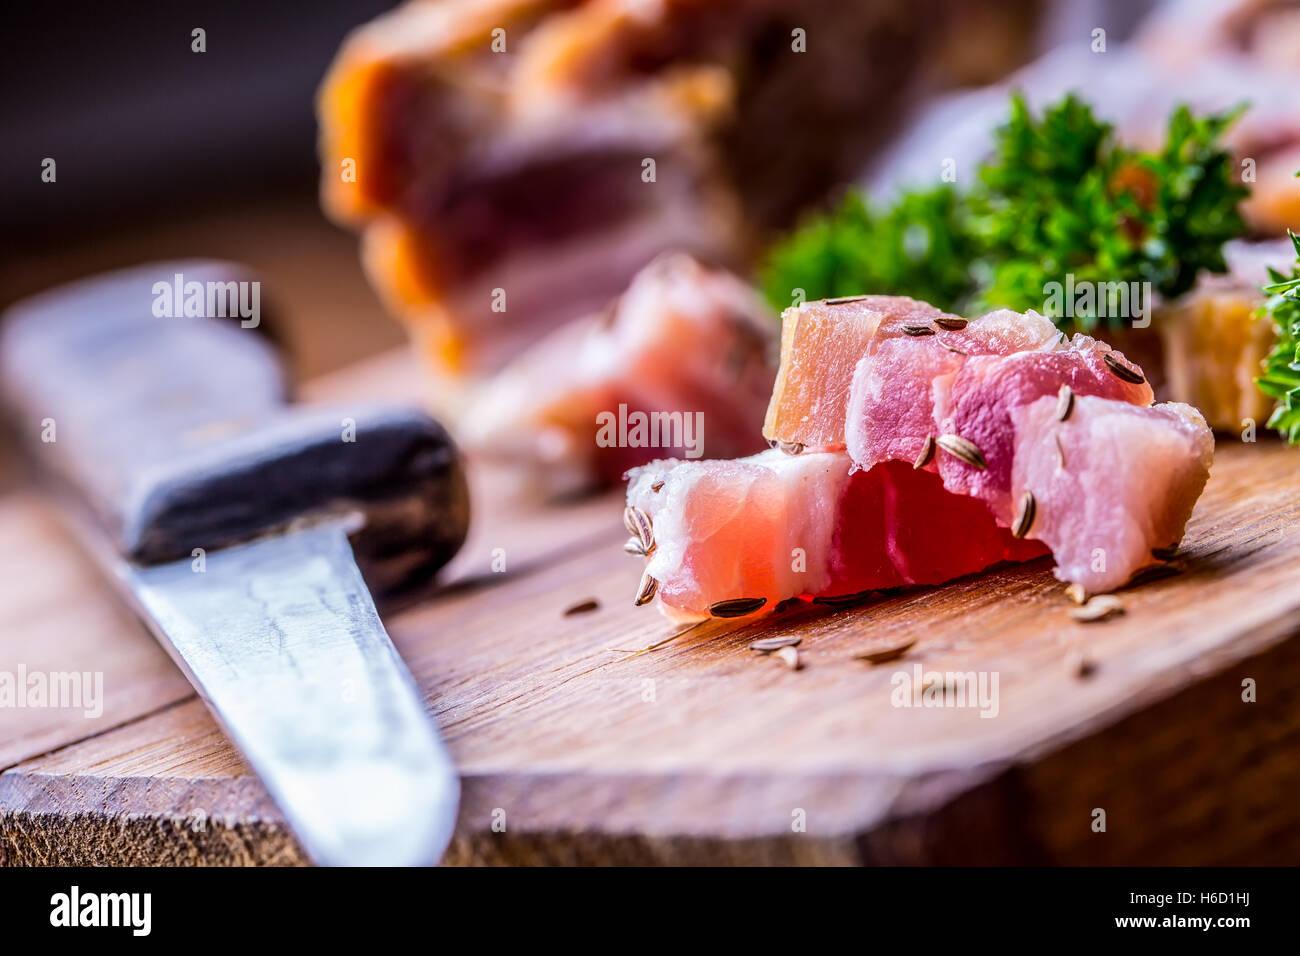 Les tranches de bacon fumé brut sur planche de bois avec le cumin et les herbes. Photo Stock